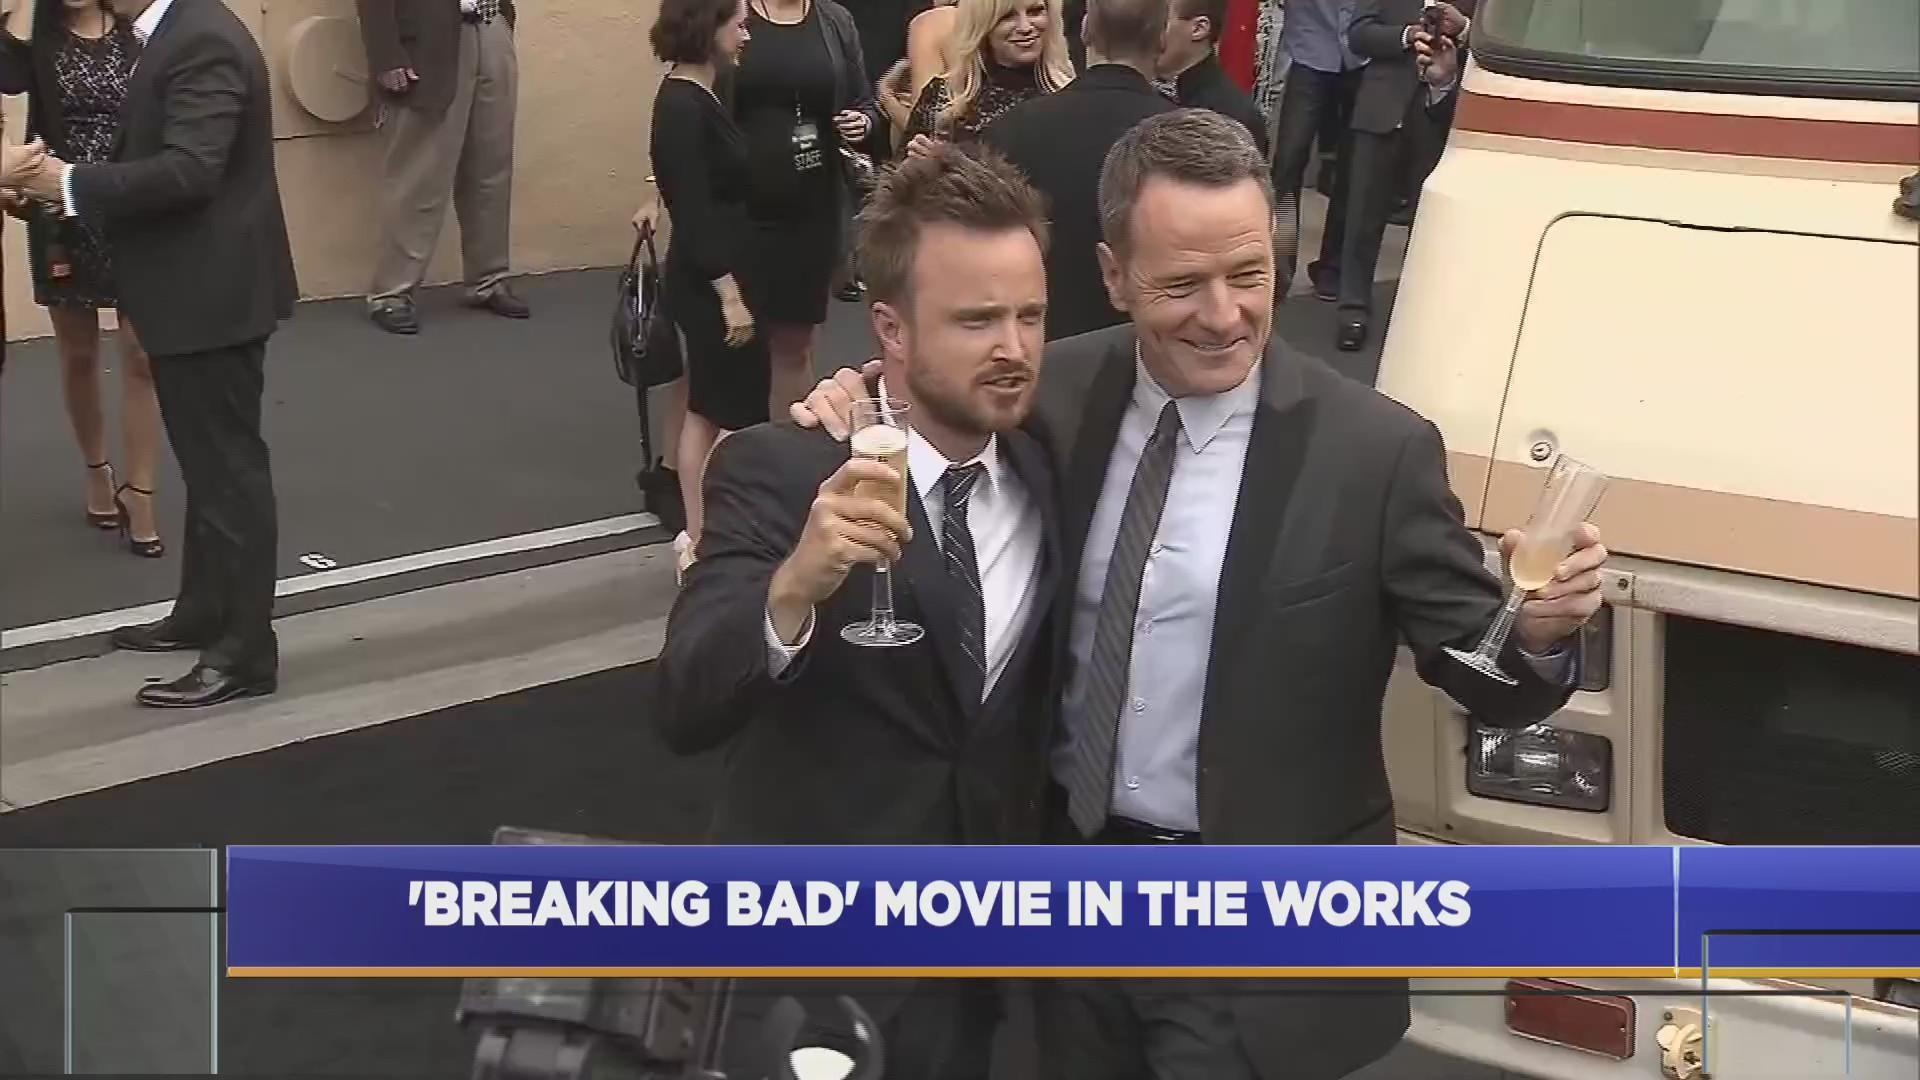 Breaking_Bad_movie_0_20181108183728